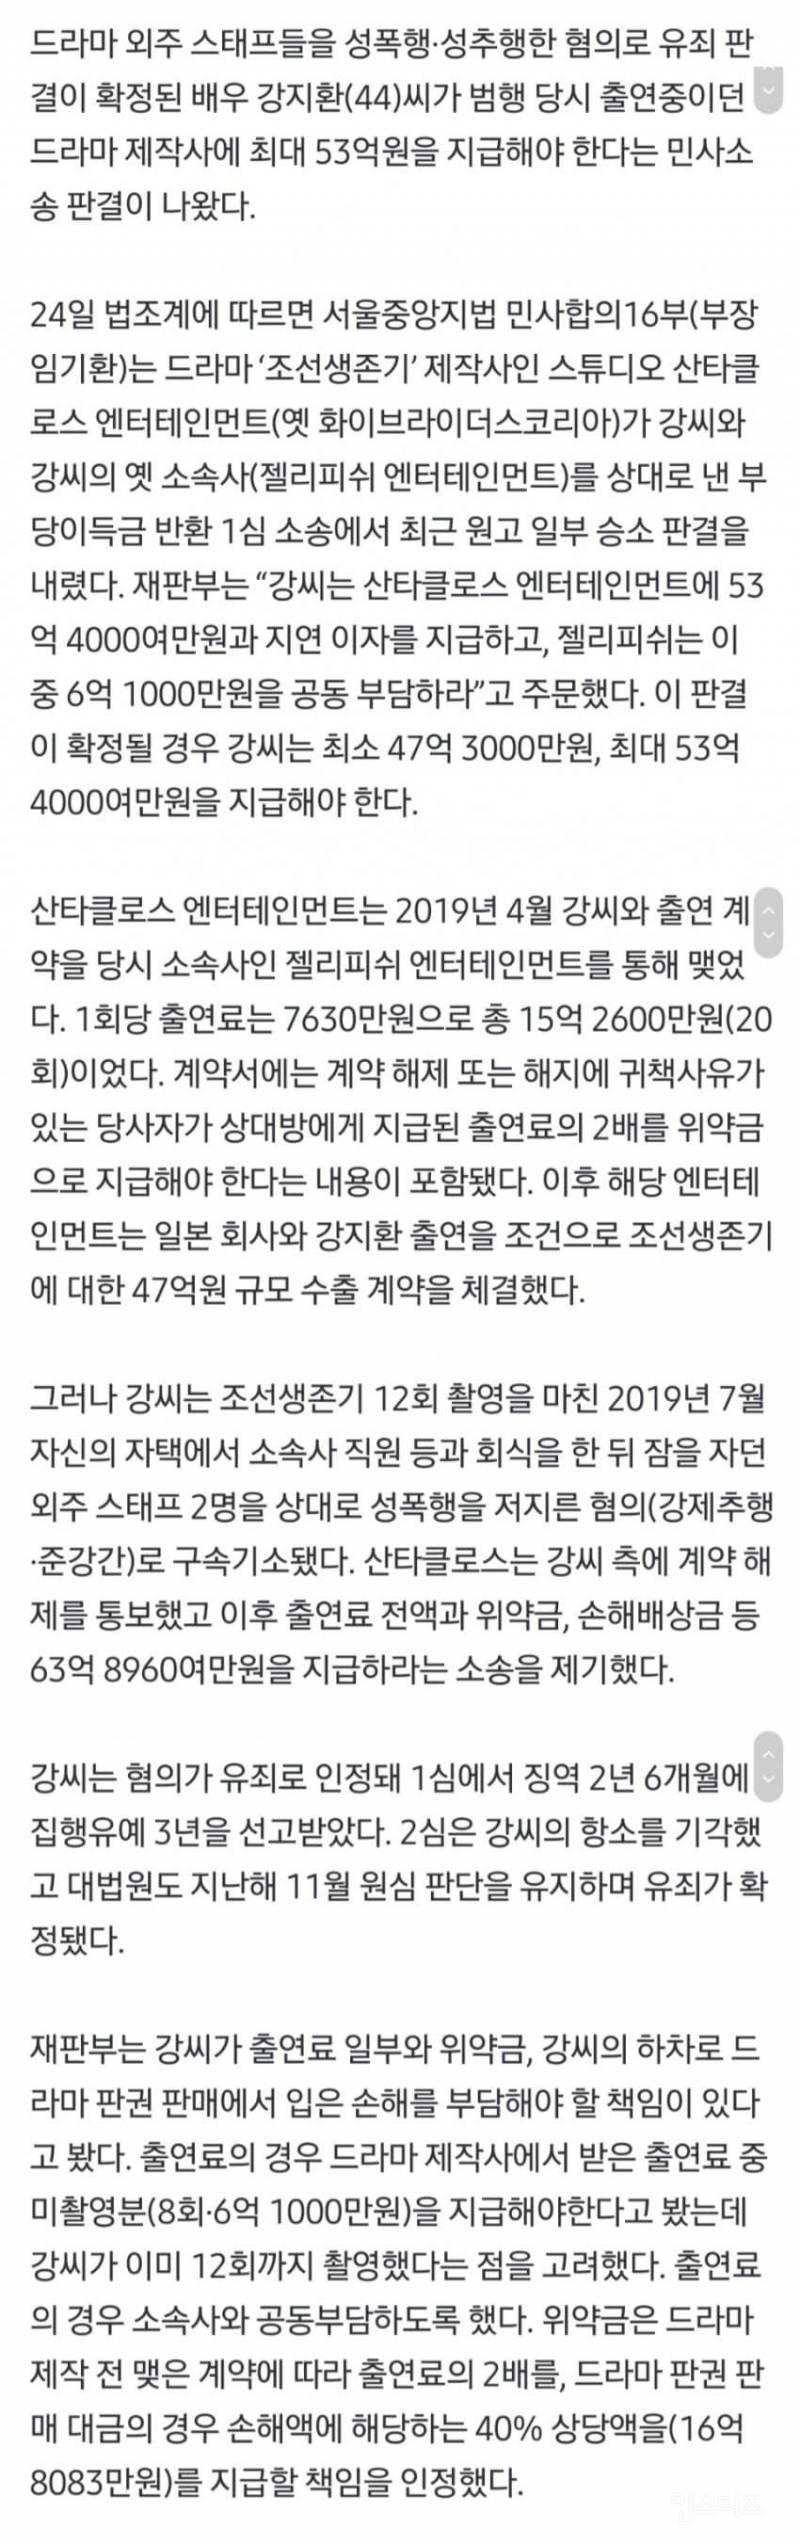 강지환, 드라마 제작사 측에 최대 53억원 지급 판결 | 인스티즈